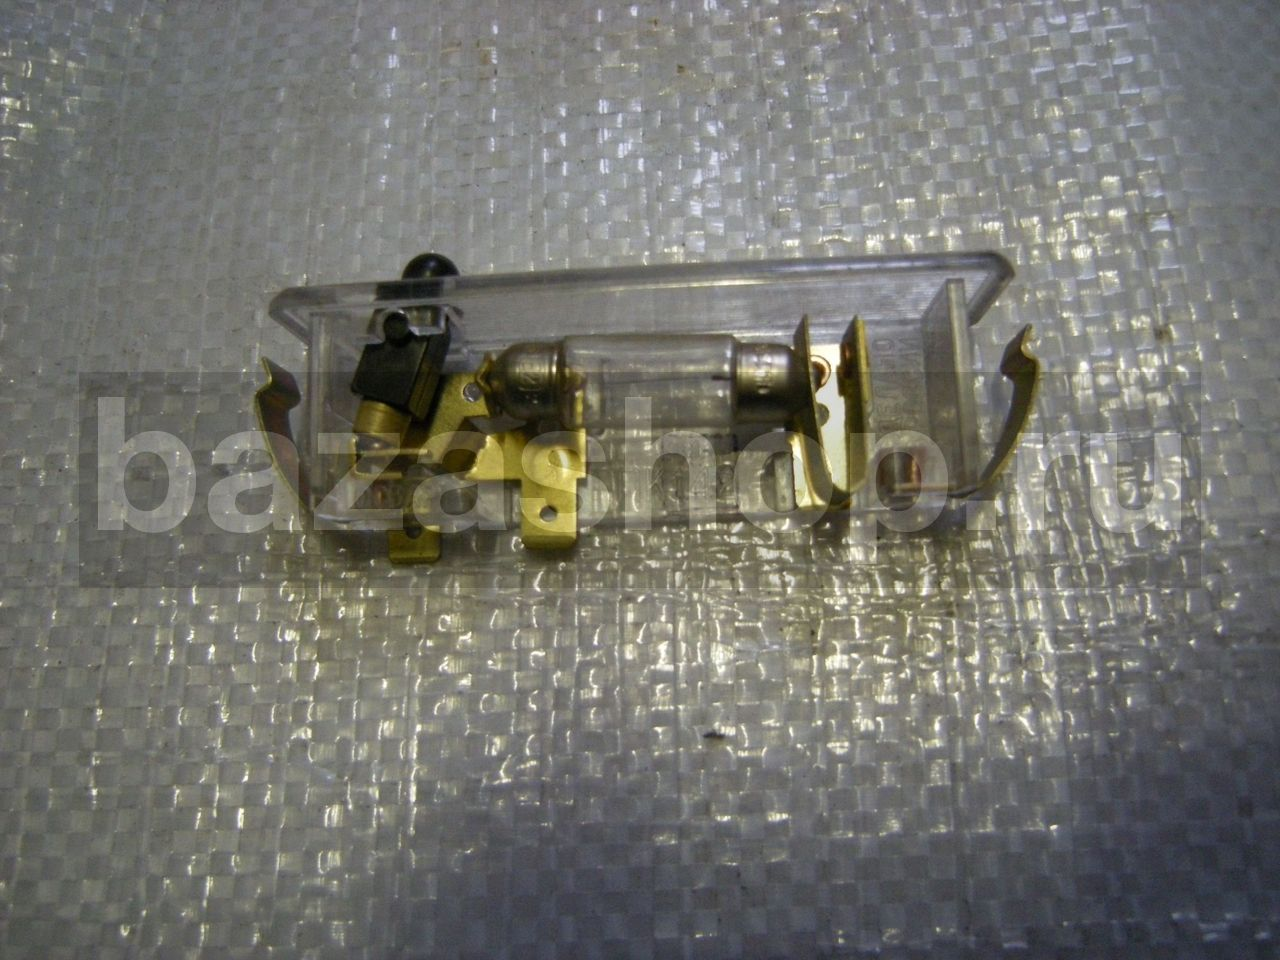 Плата плафона освещения салона уаз хантер; светодиодная к плафону 28023714 пл51